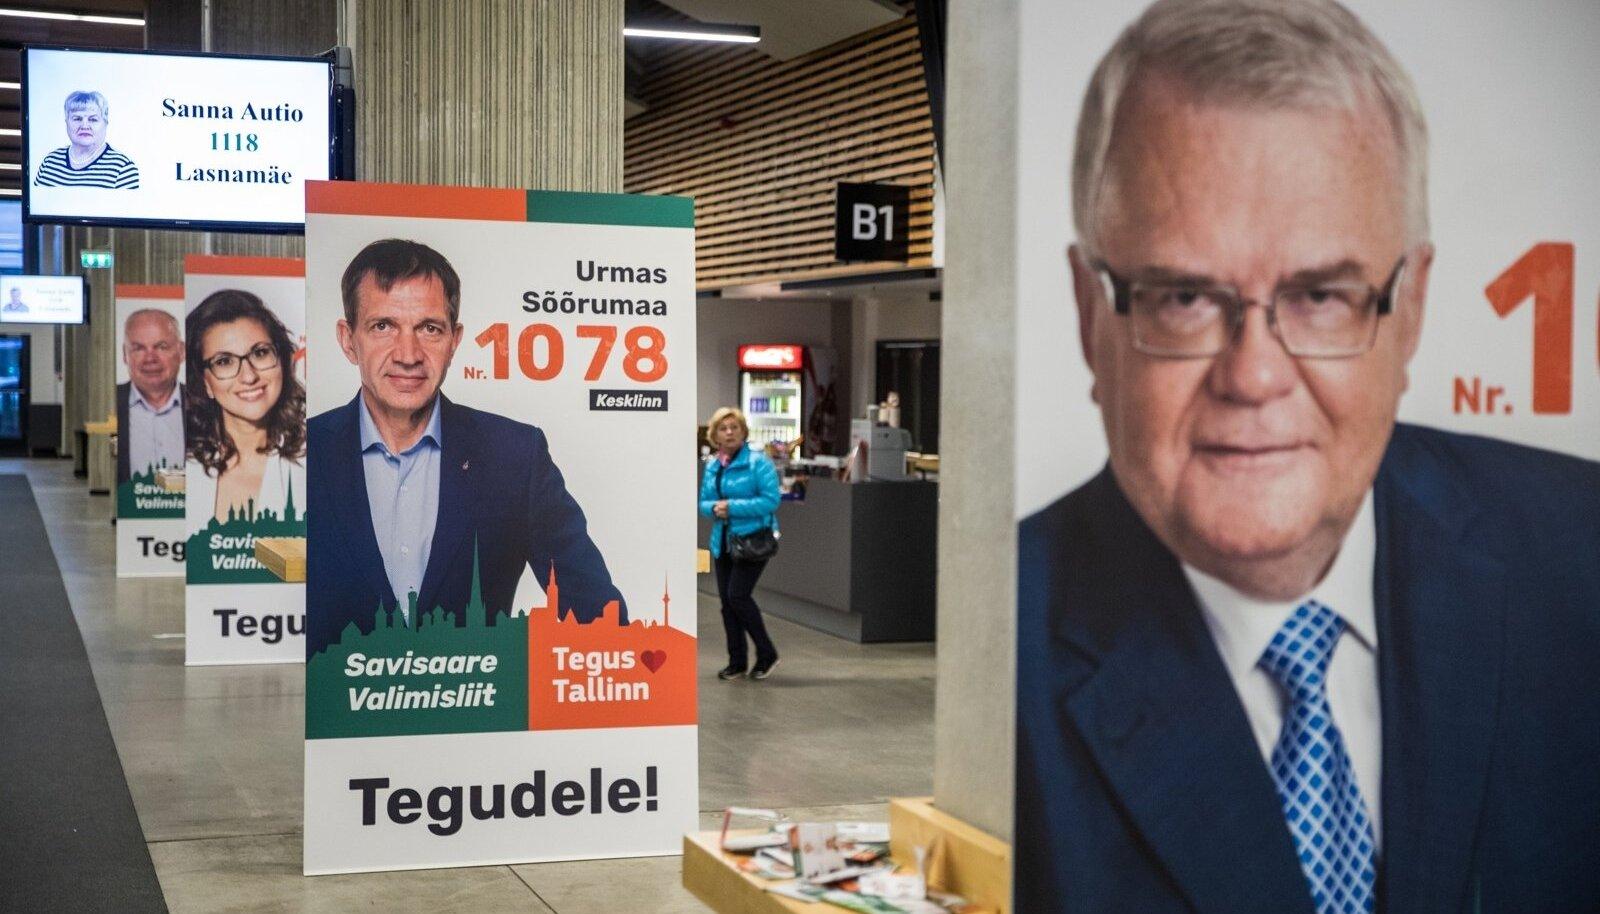 Tegusa Tallinna valimisplakatid